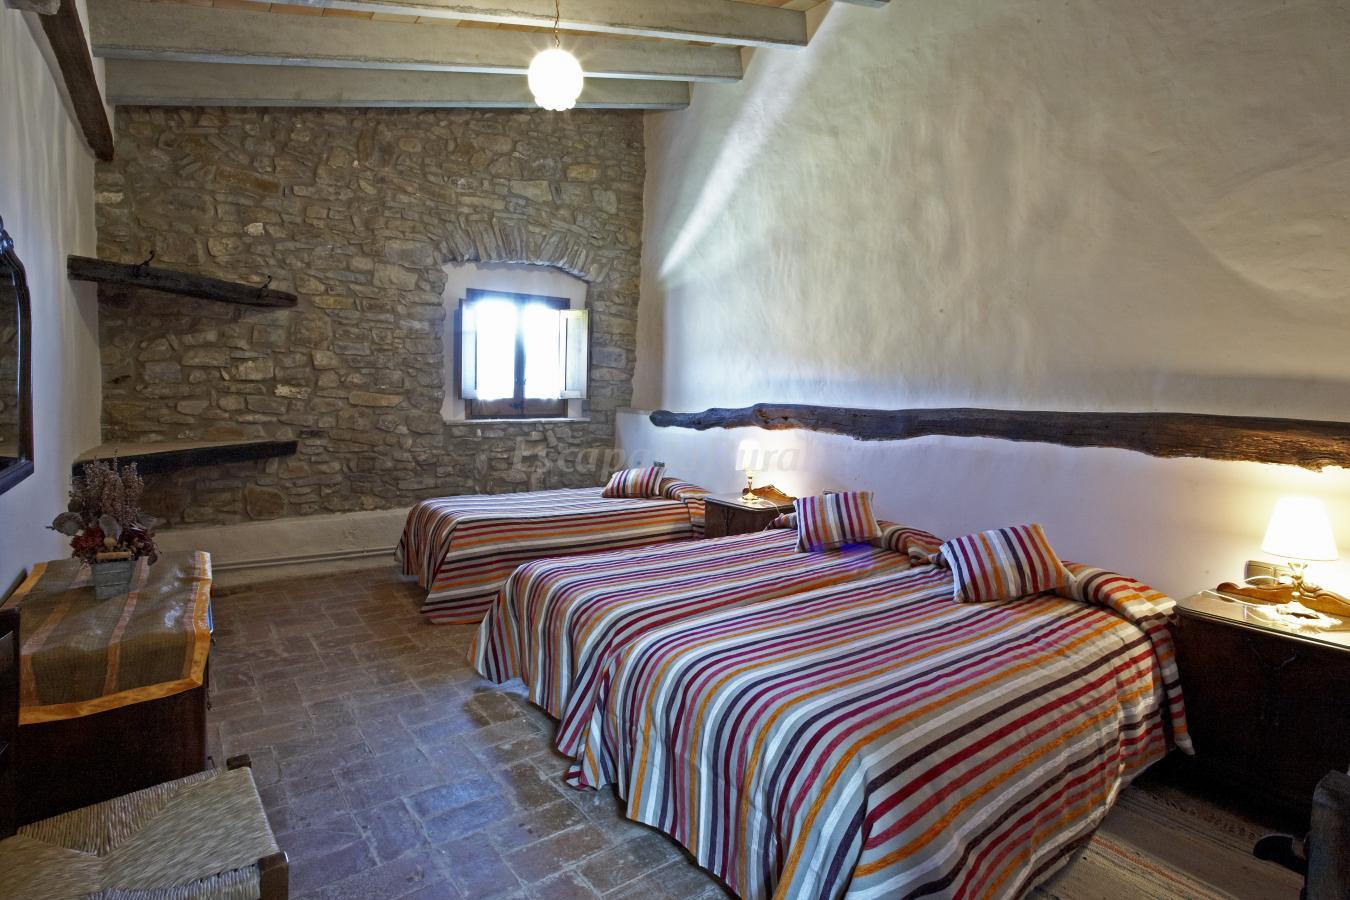 Fotos de can soler casa rural en porqueres girona - Can caponet casa rural ...